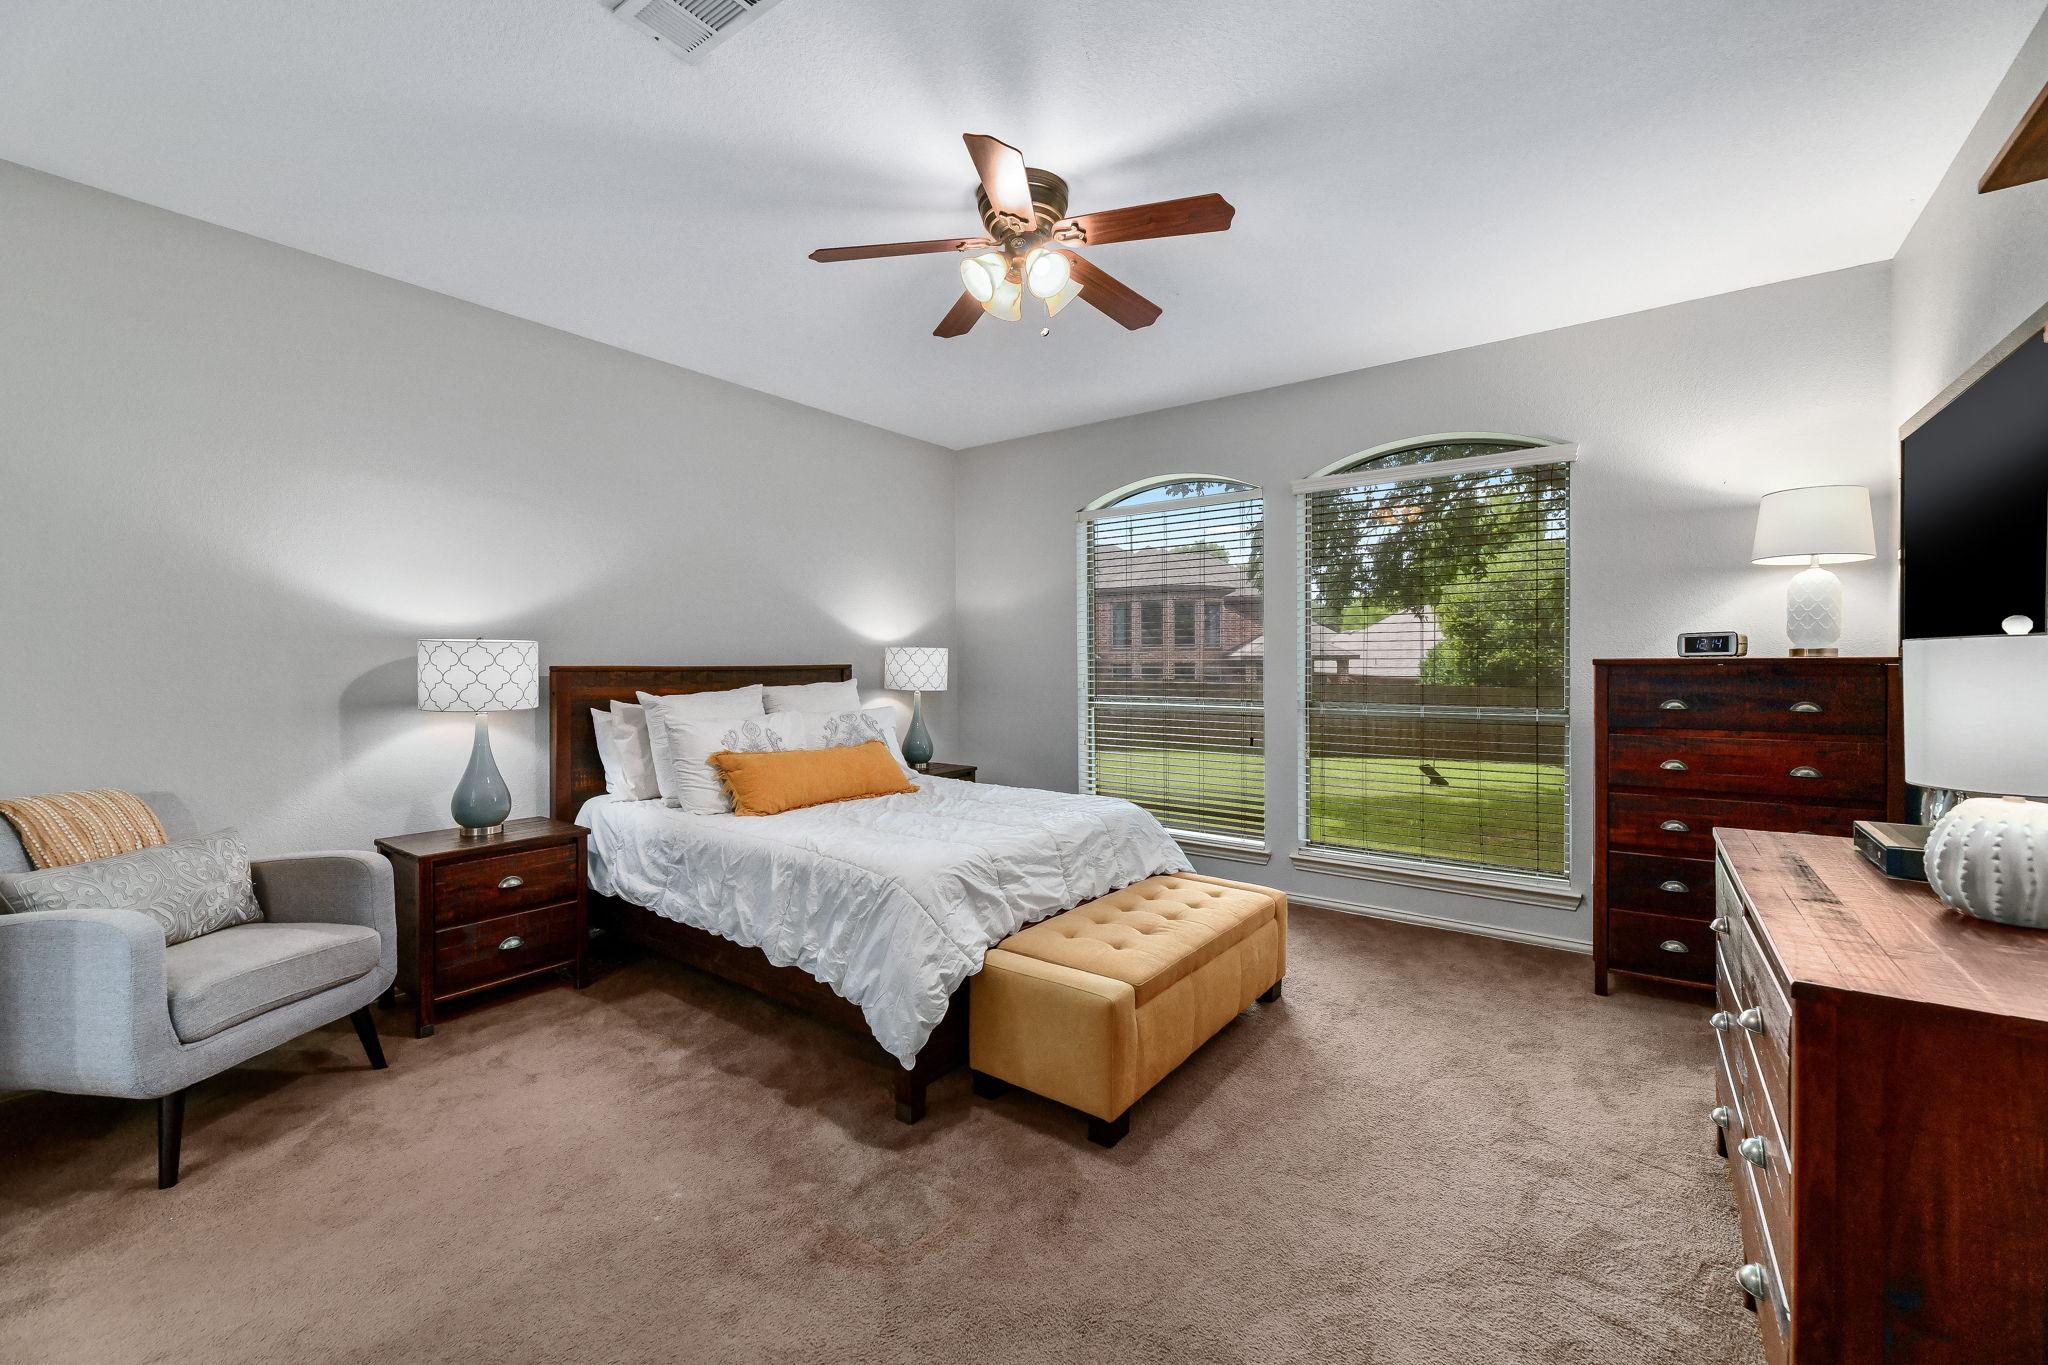 016-Master Bedroom-FULL